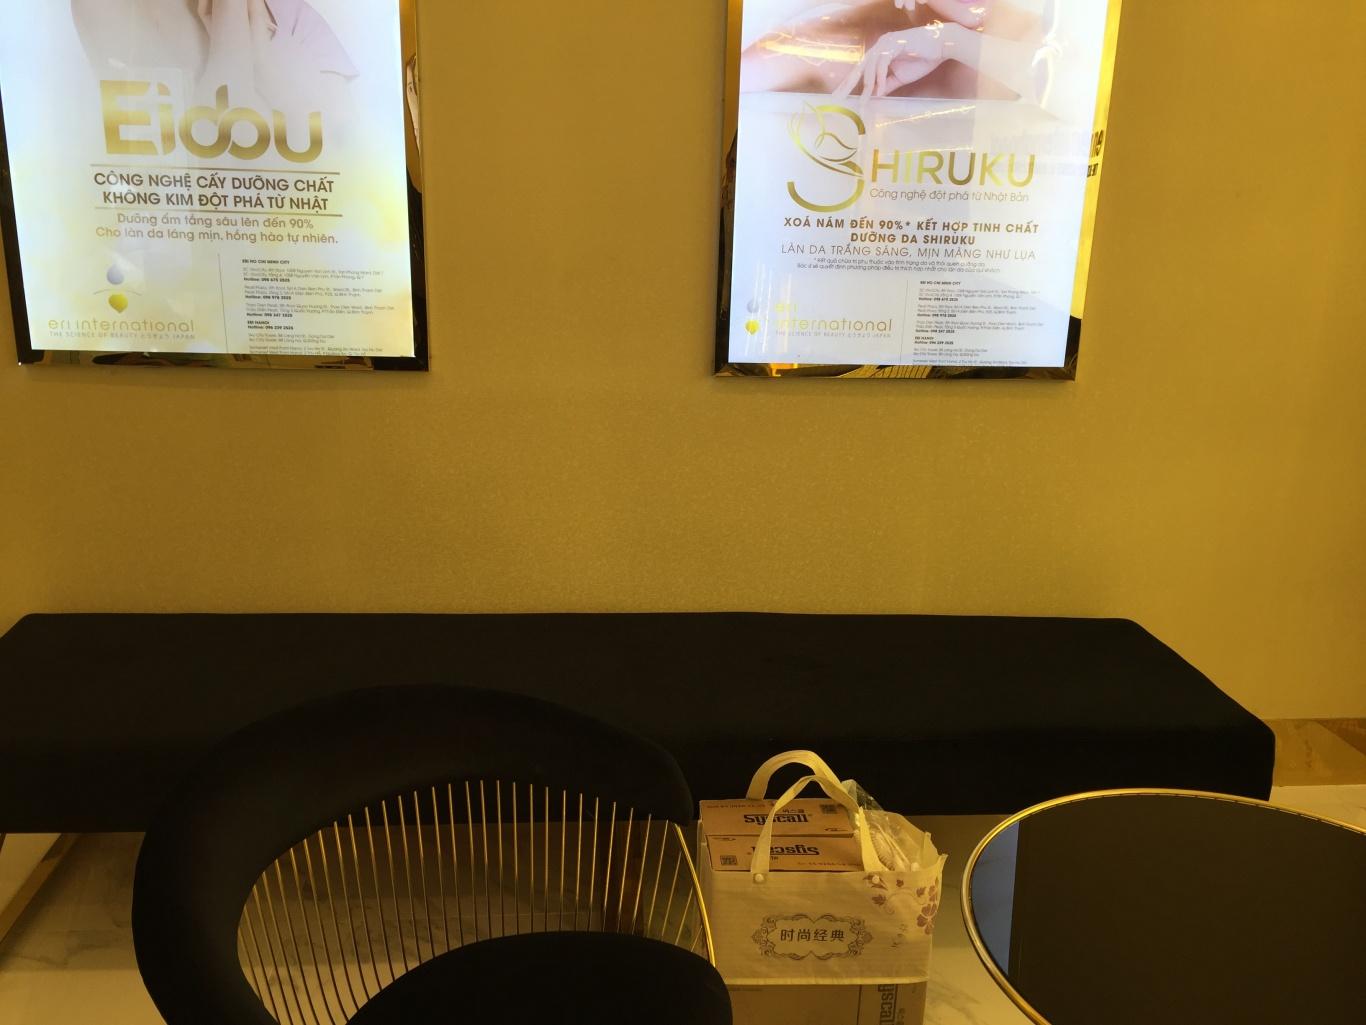 Triển khai lắp đặt nút chuông gọi y tá không dây WS-100 cho viện chăm sóc sắc đẹp Eri International của Nhật Bản